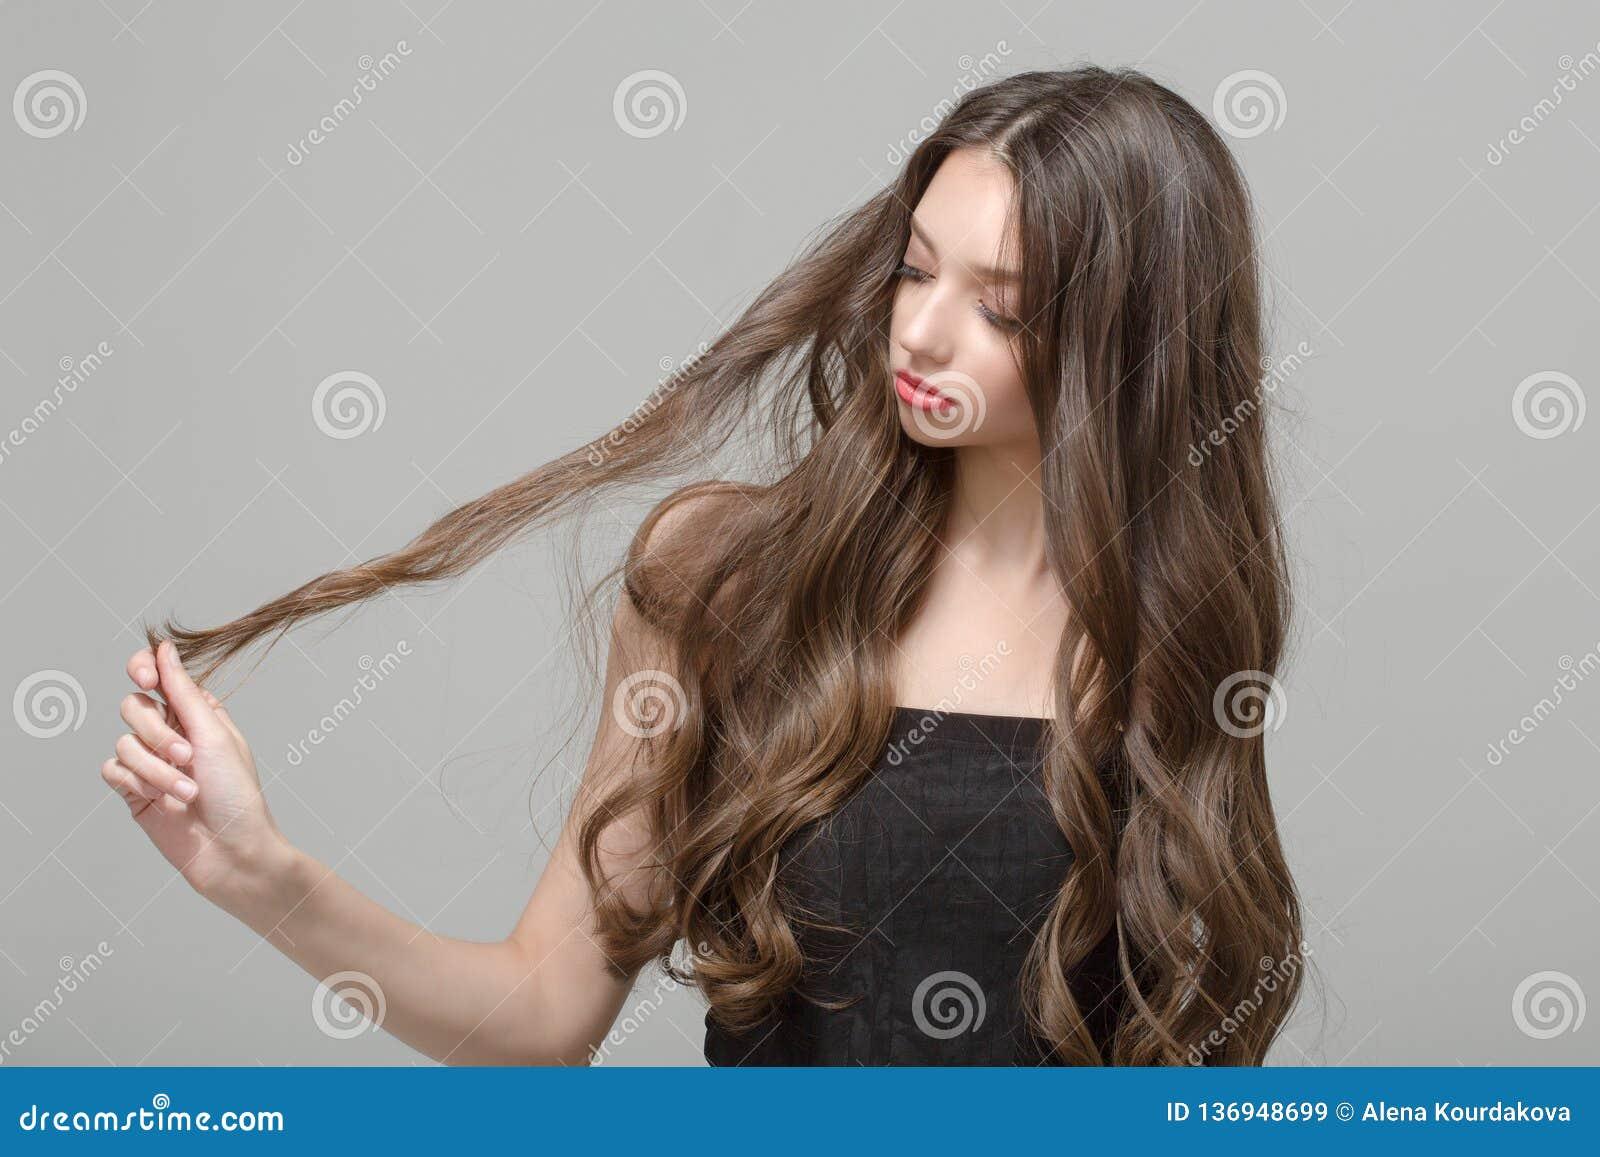 Mody kobieta, włosiany zamieszanie włosy długie falisty